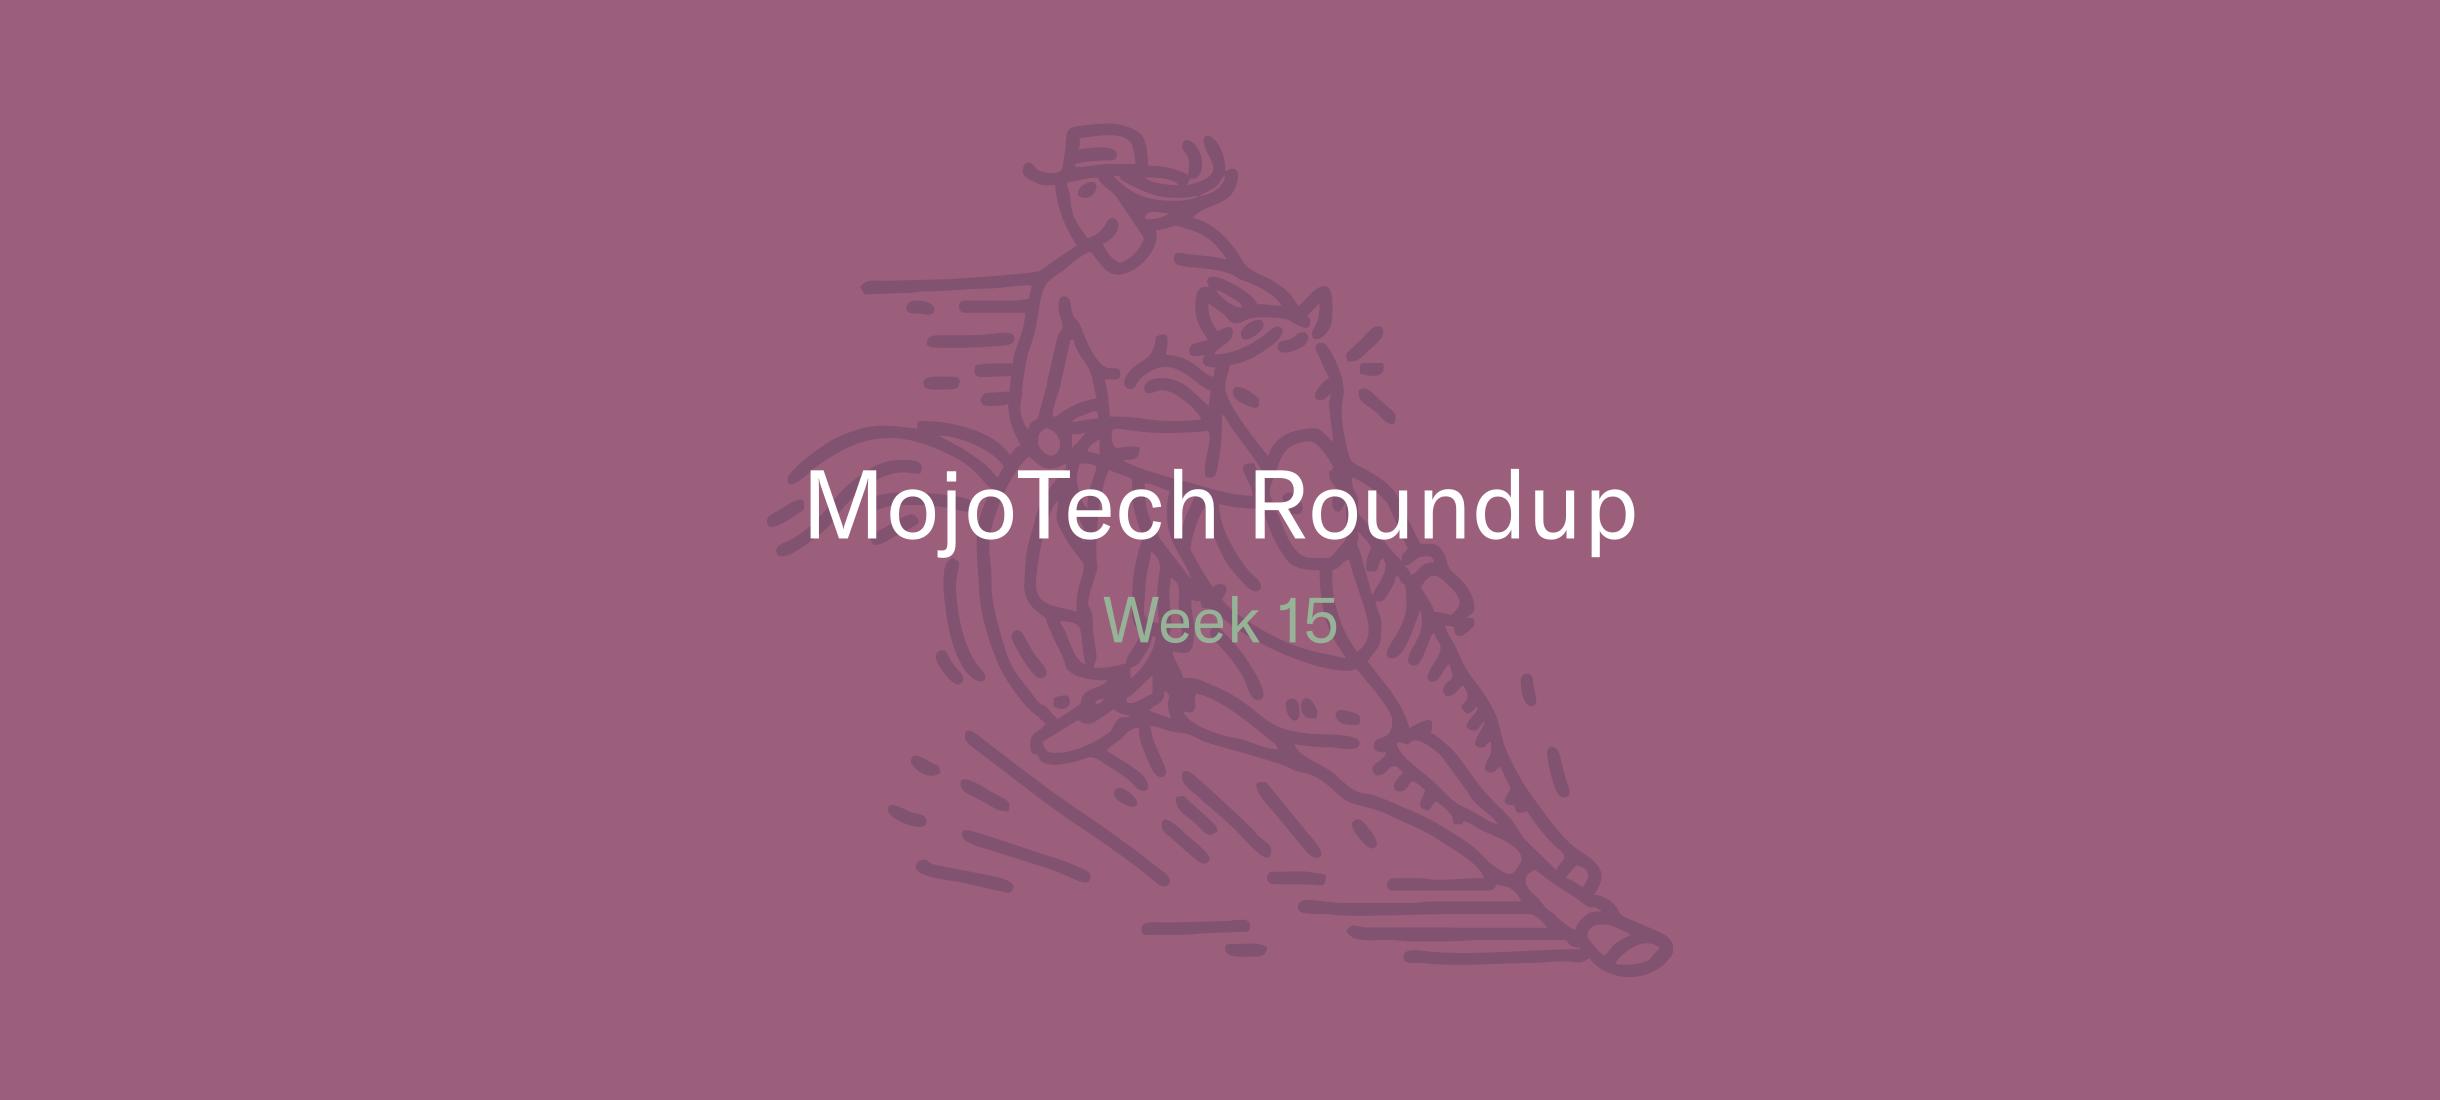 MojoTech Roundup Week 15